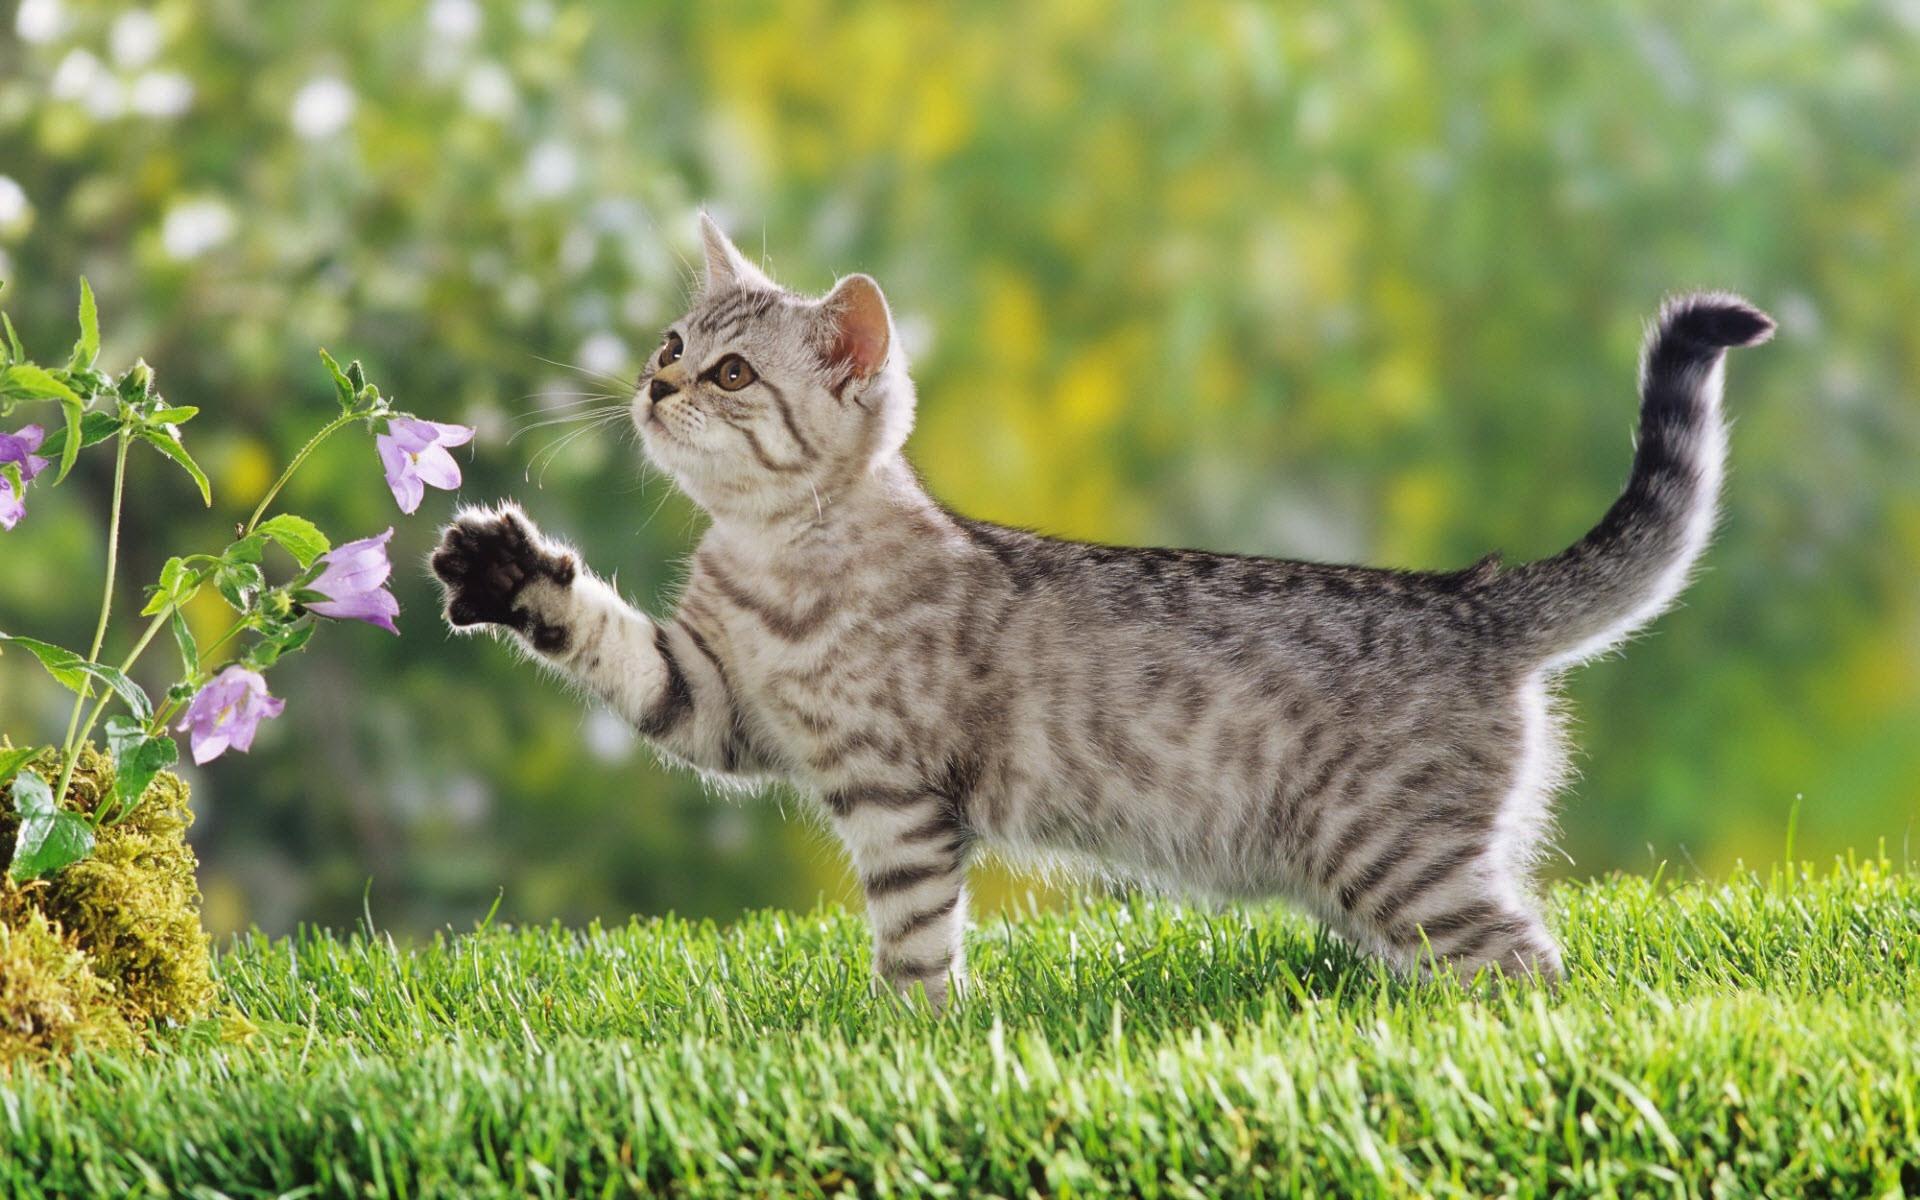 cute_kitten-1920x1200